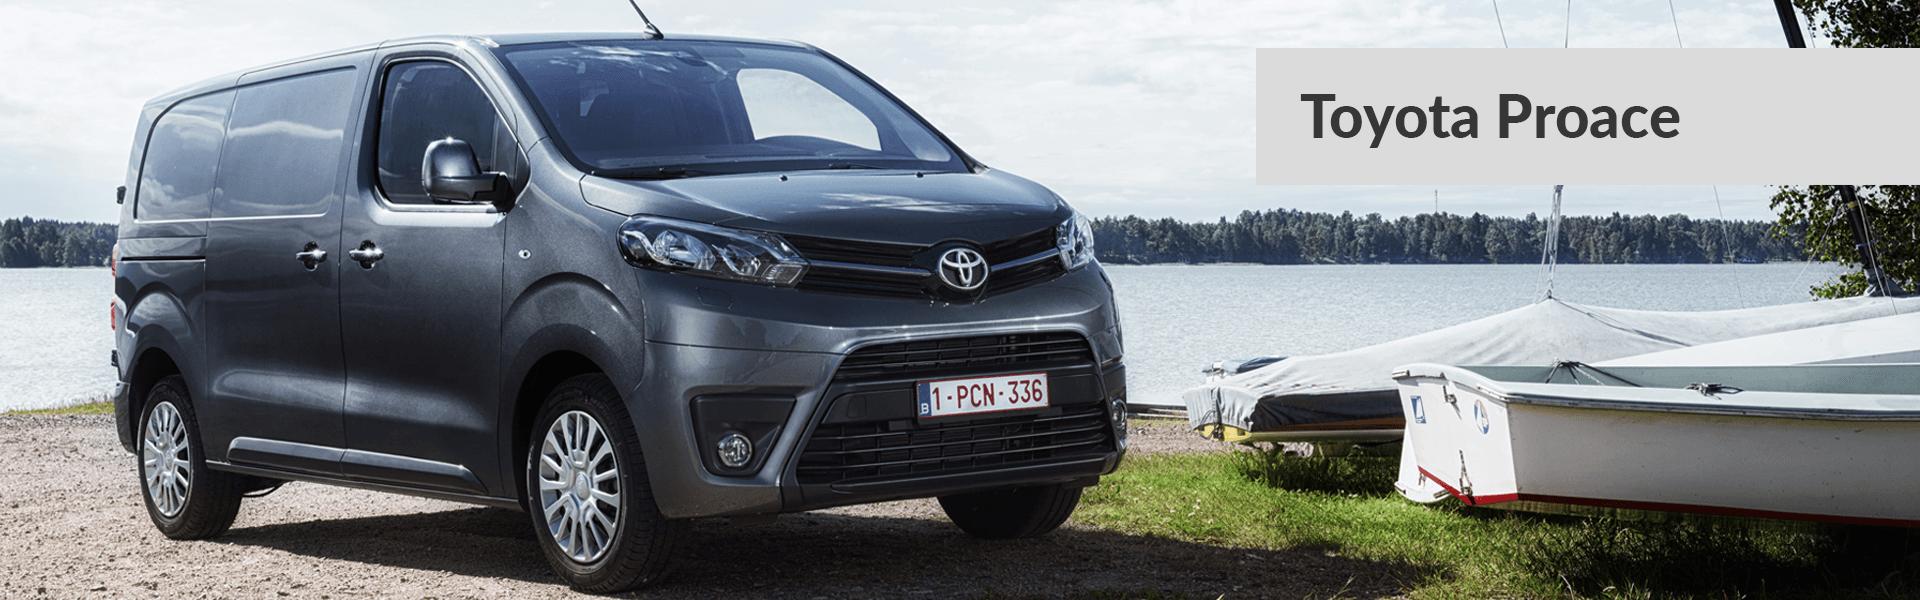 Toyota Proace Desktop